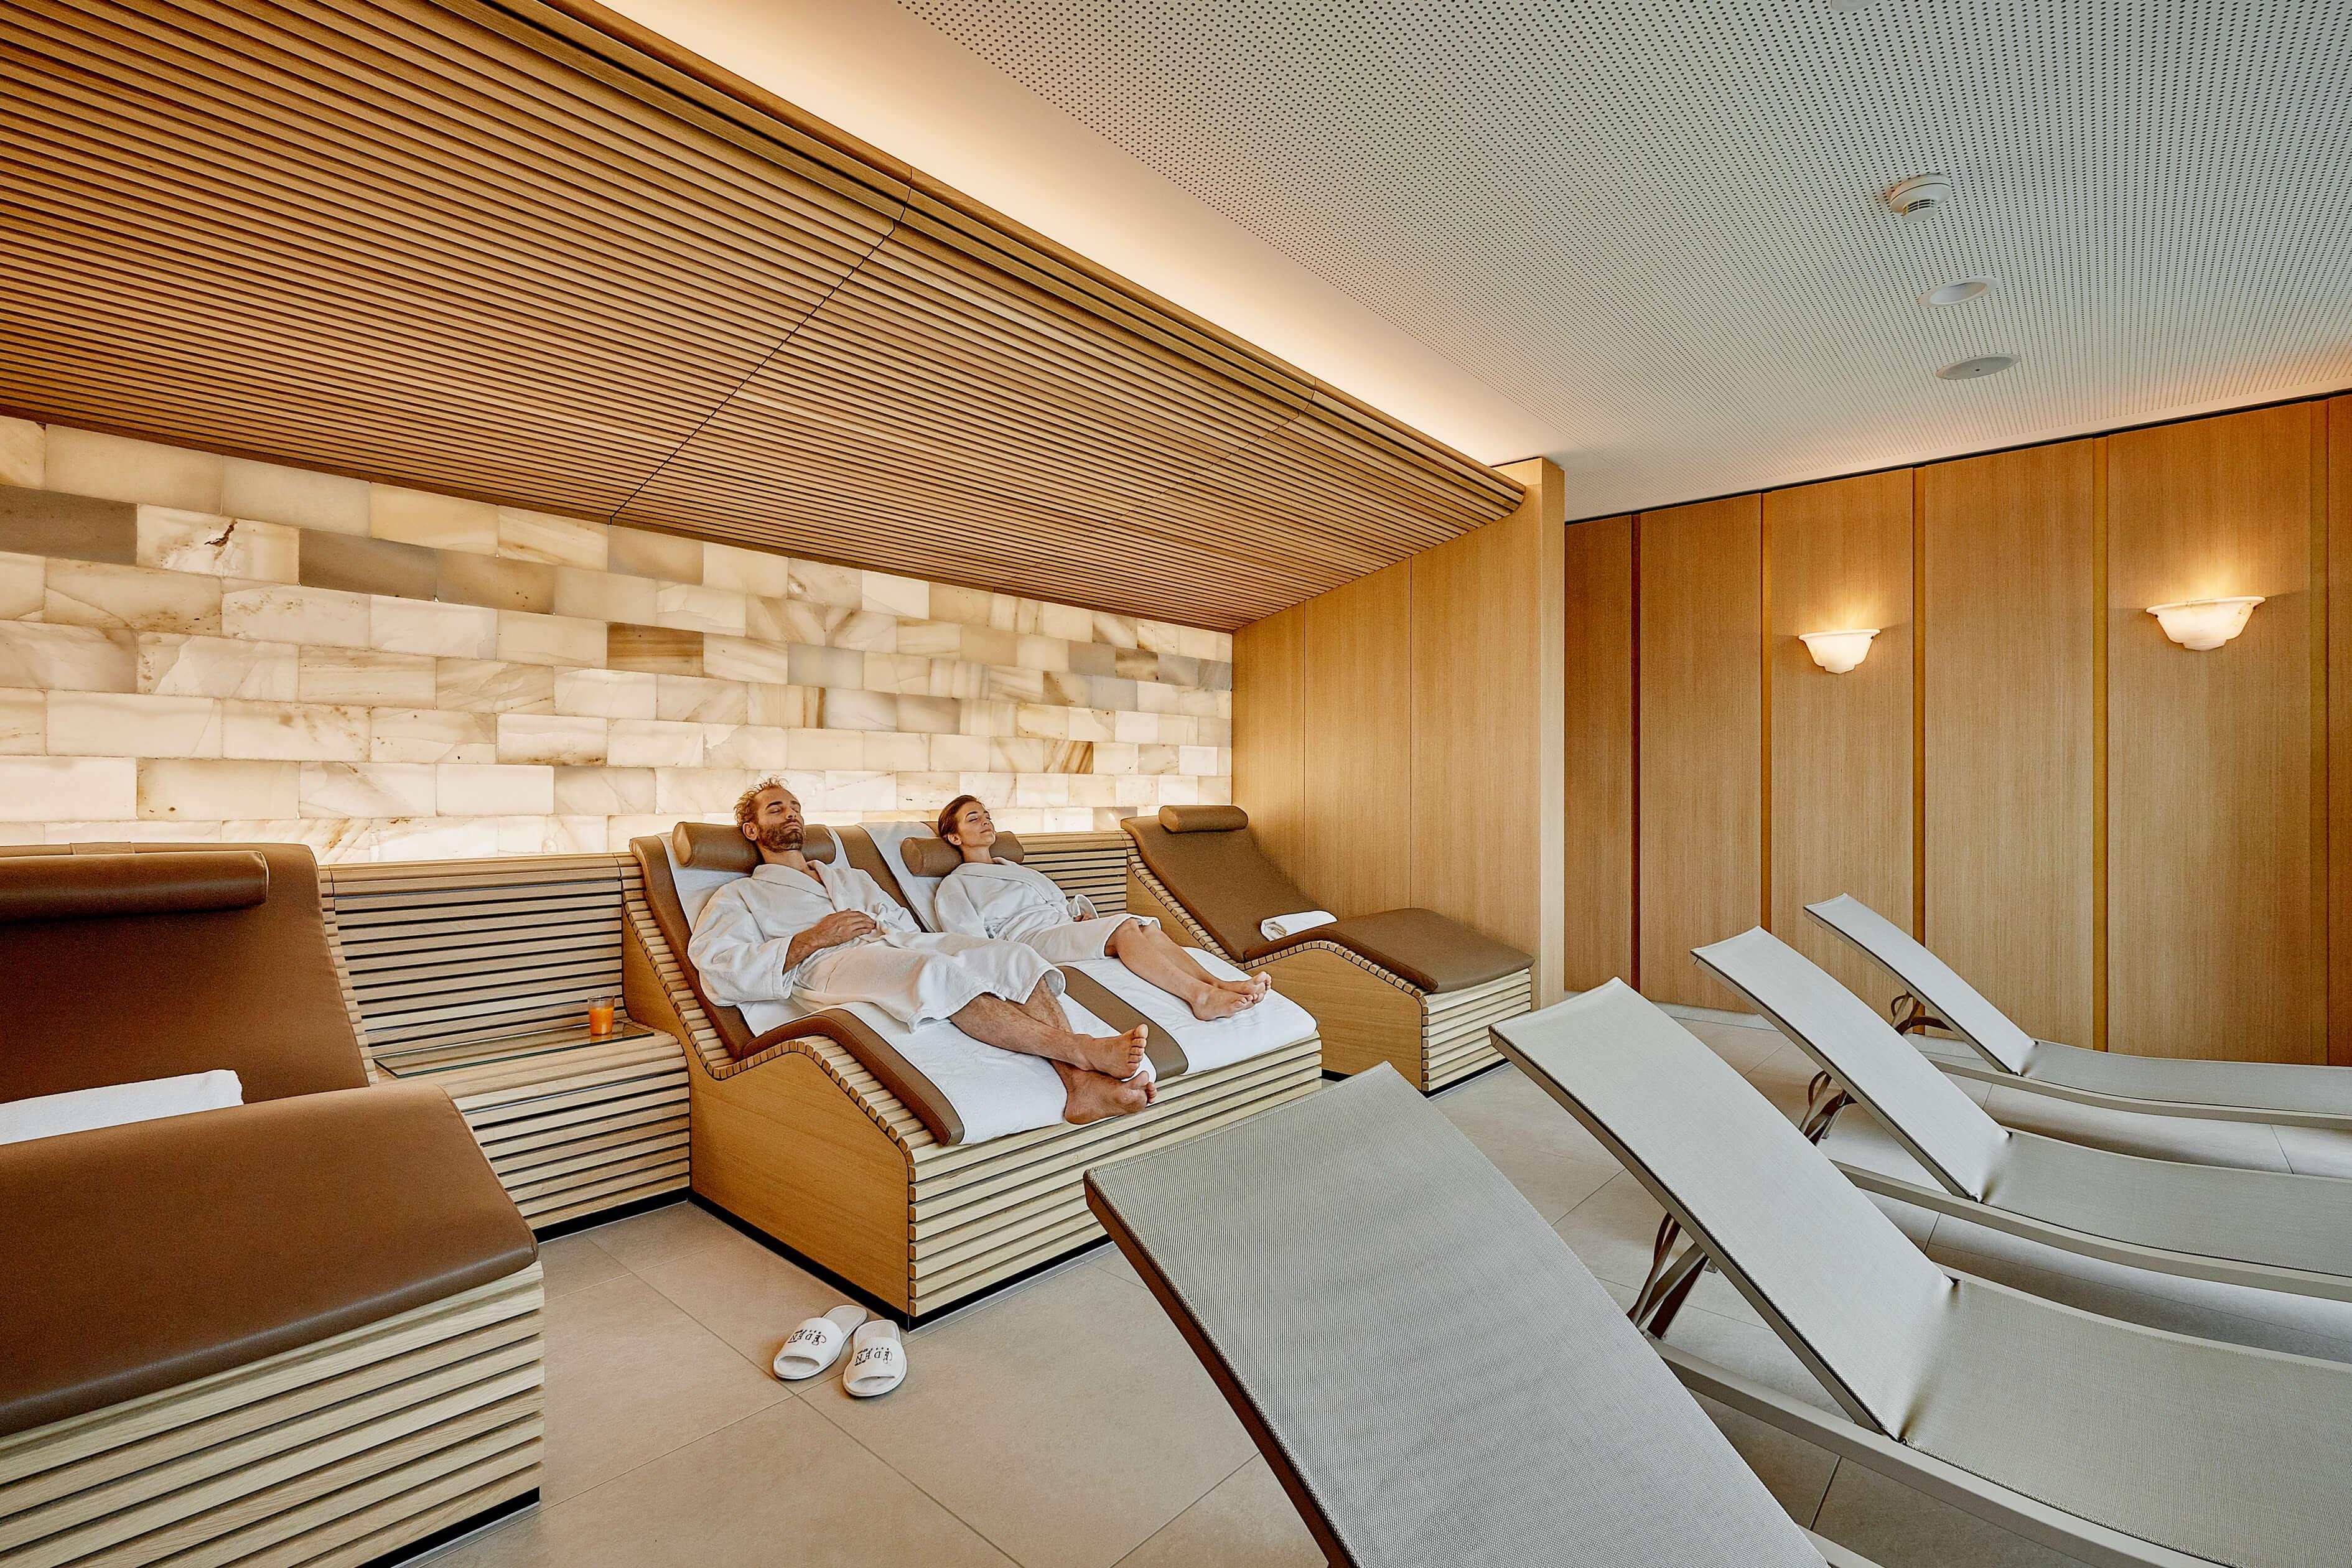 hotel-eden-wellness-ruheraum-mit-salzsteinwand-und-sicht-auf-den-thunersee-und-die-berner-alpen-spiez.jpg